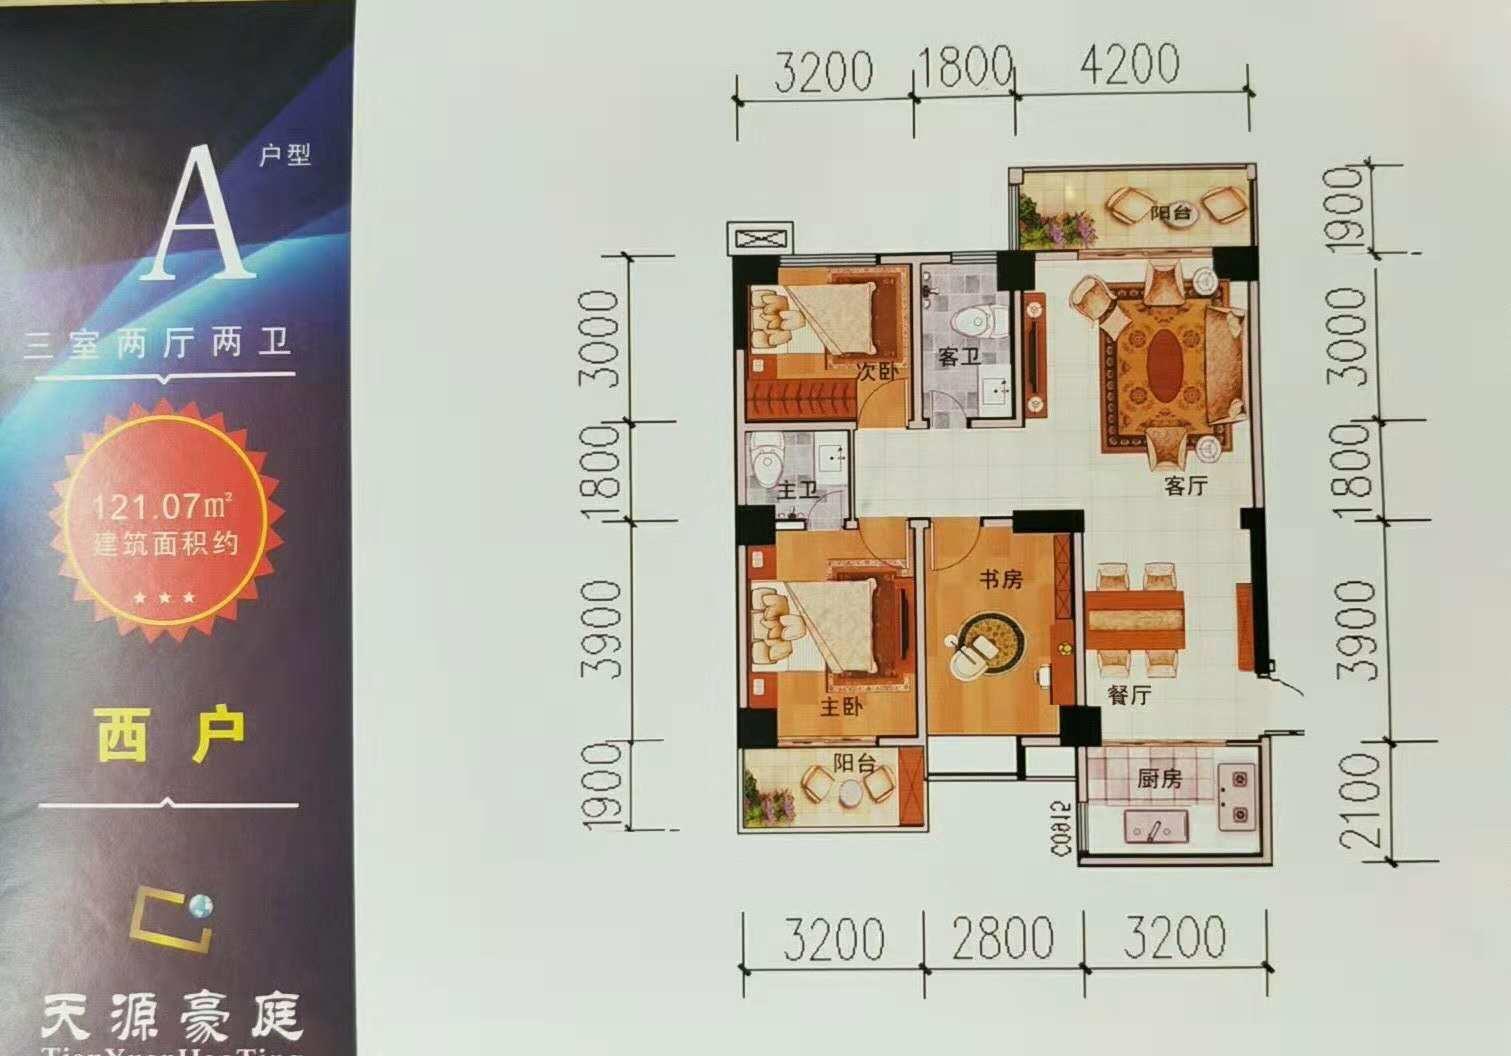 天源豪庭3室 2廳 2衛56萬元